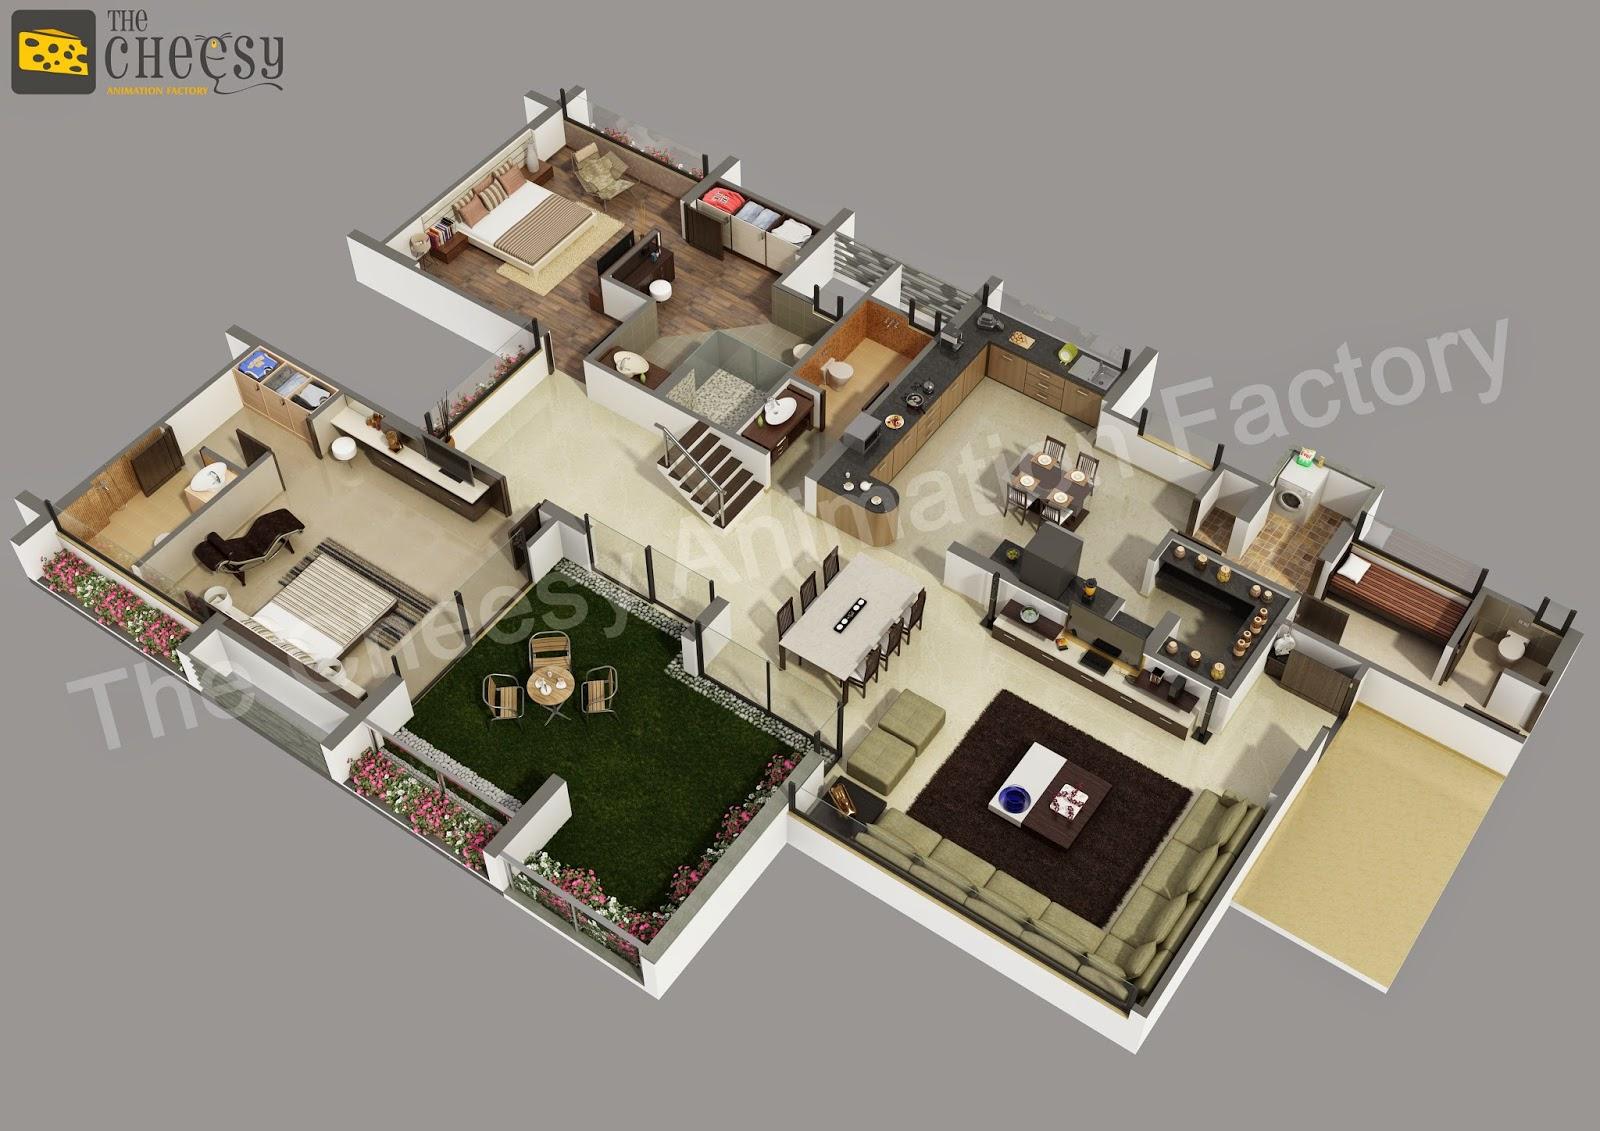 Incroyable 3D Floor Plan | 3D Floor Plan For House